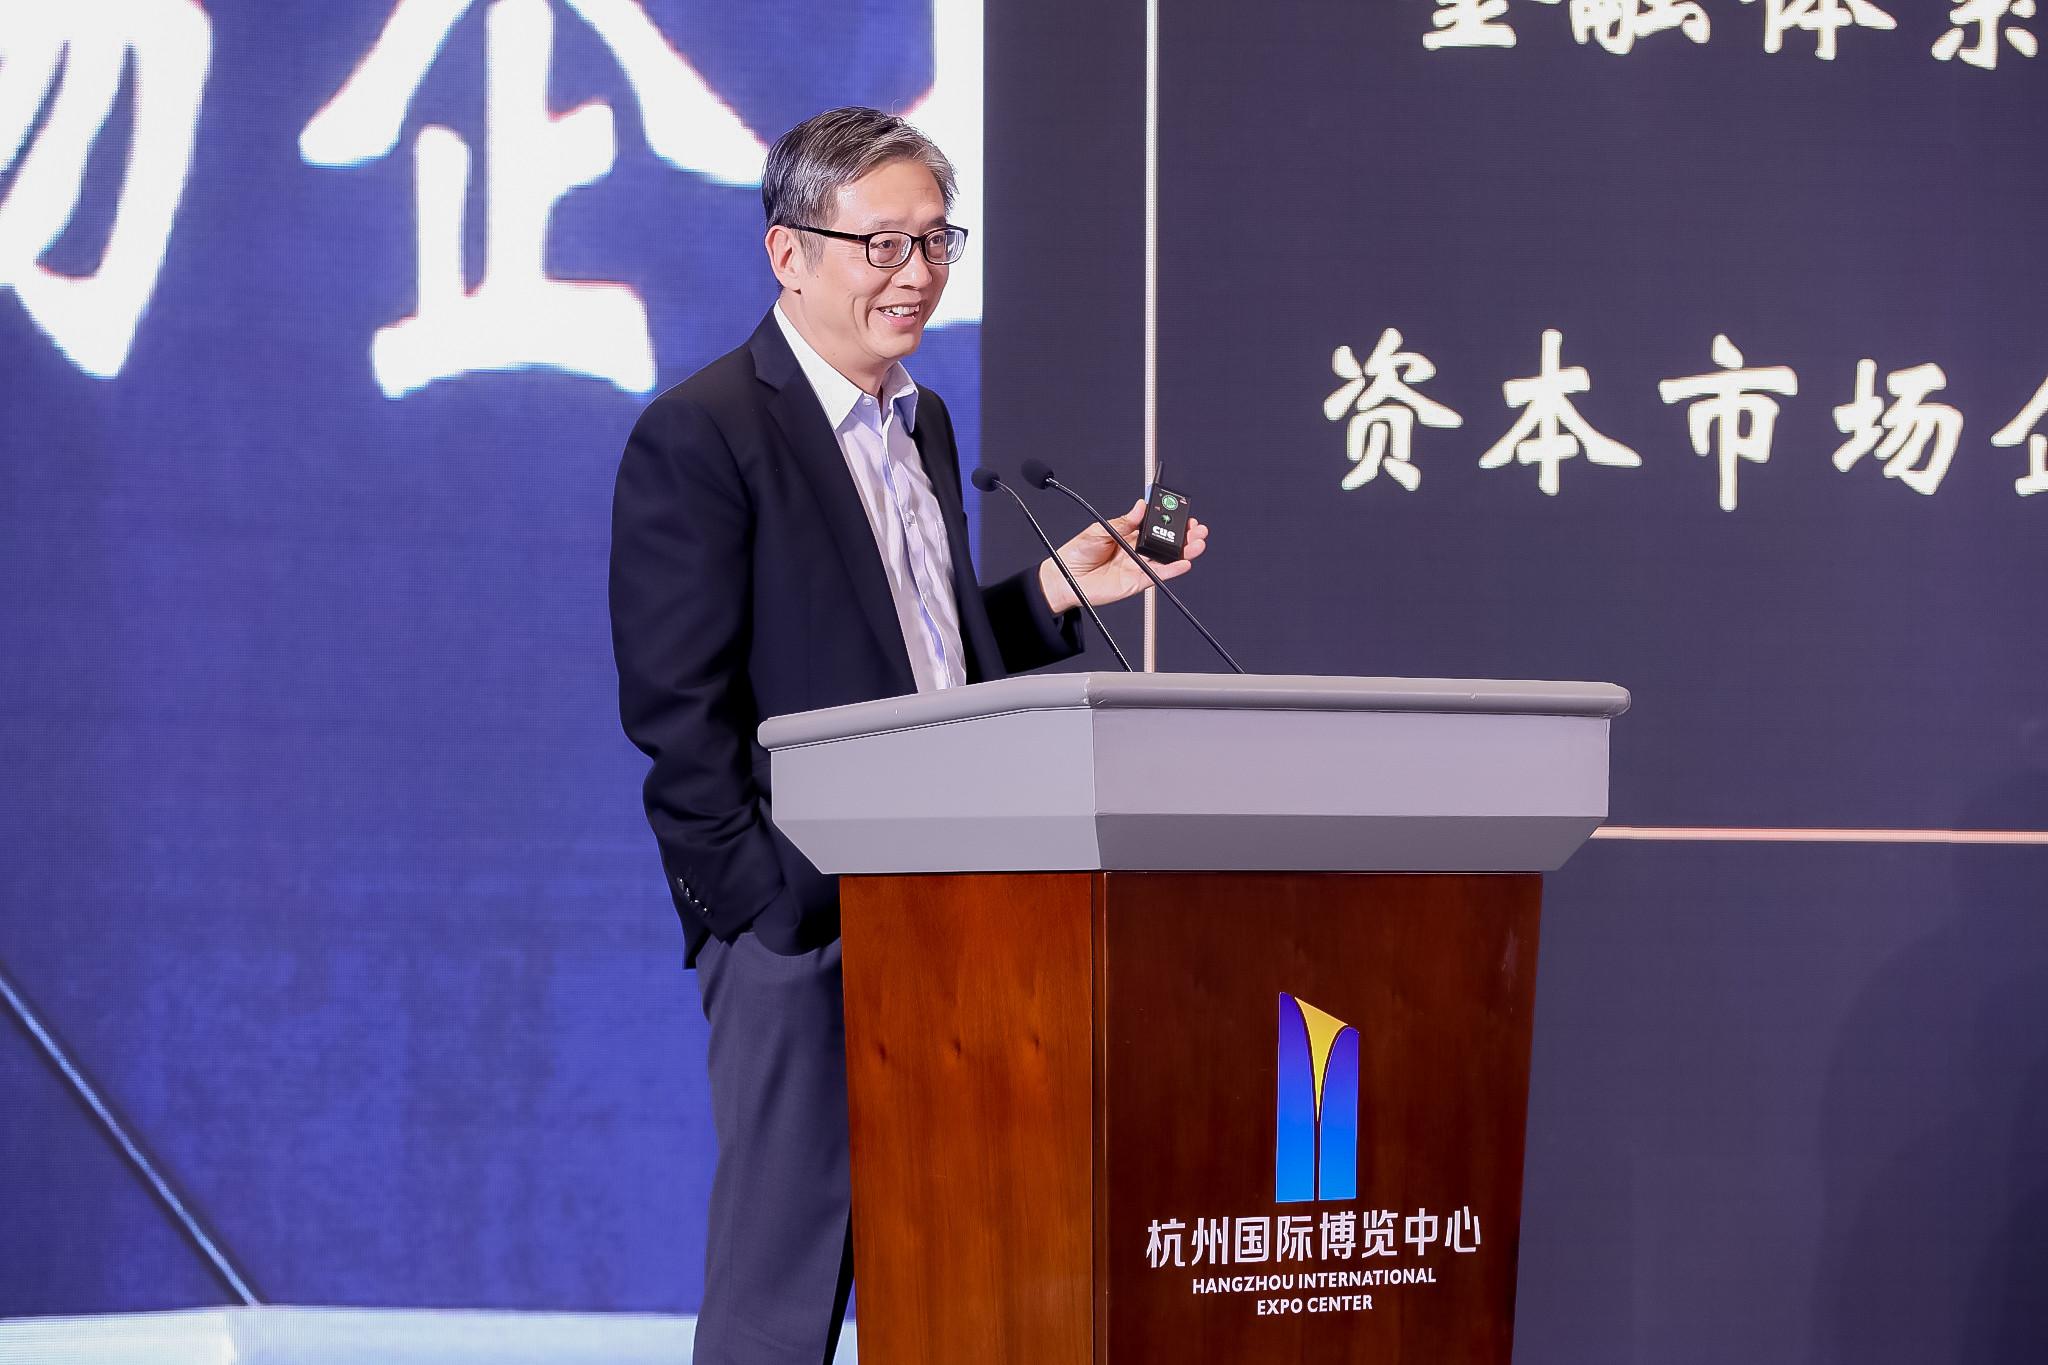 """""""2020北京大學全球金融論壇""""在杭州隆重舉行"""